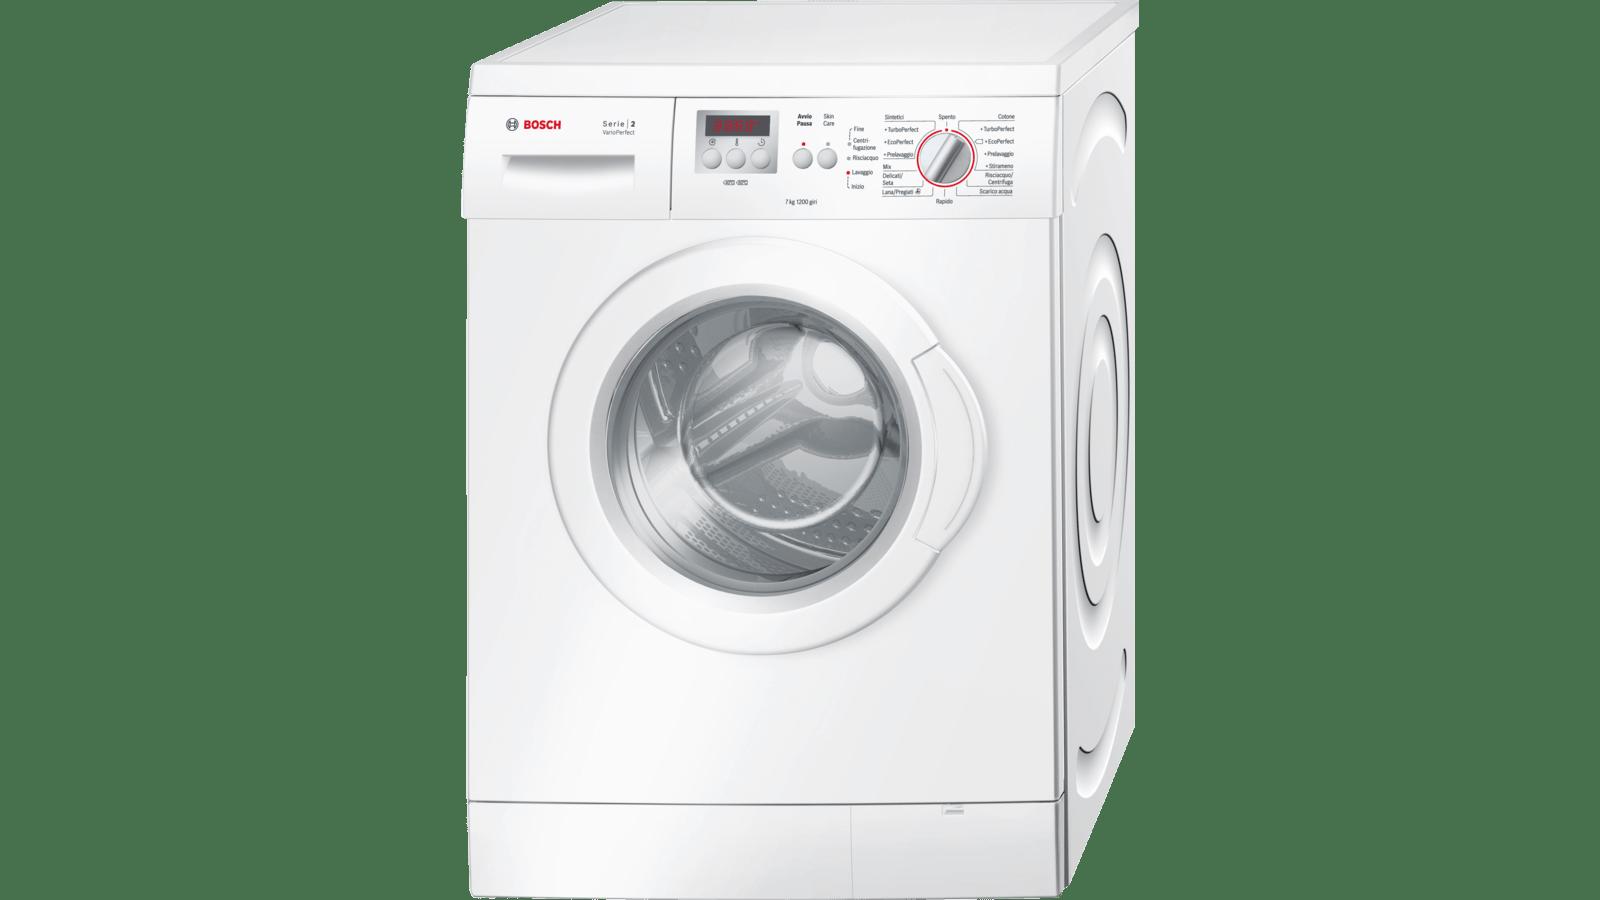 Riparazione Scheda lavatrice asciugatrice BOSCH avantixx maxx